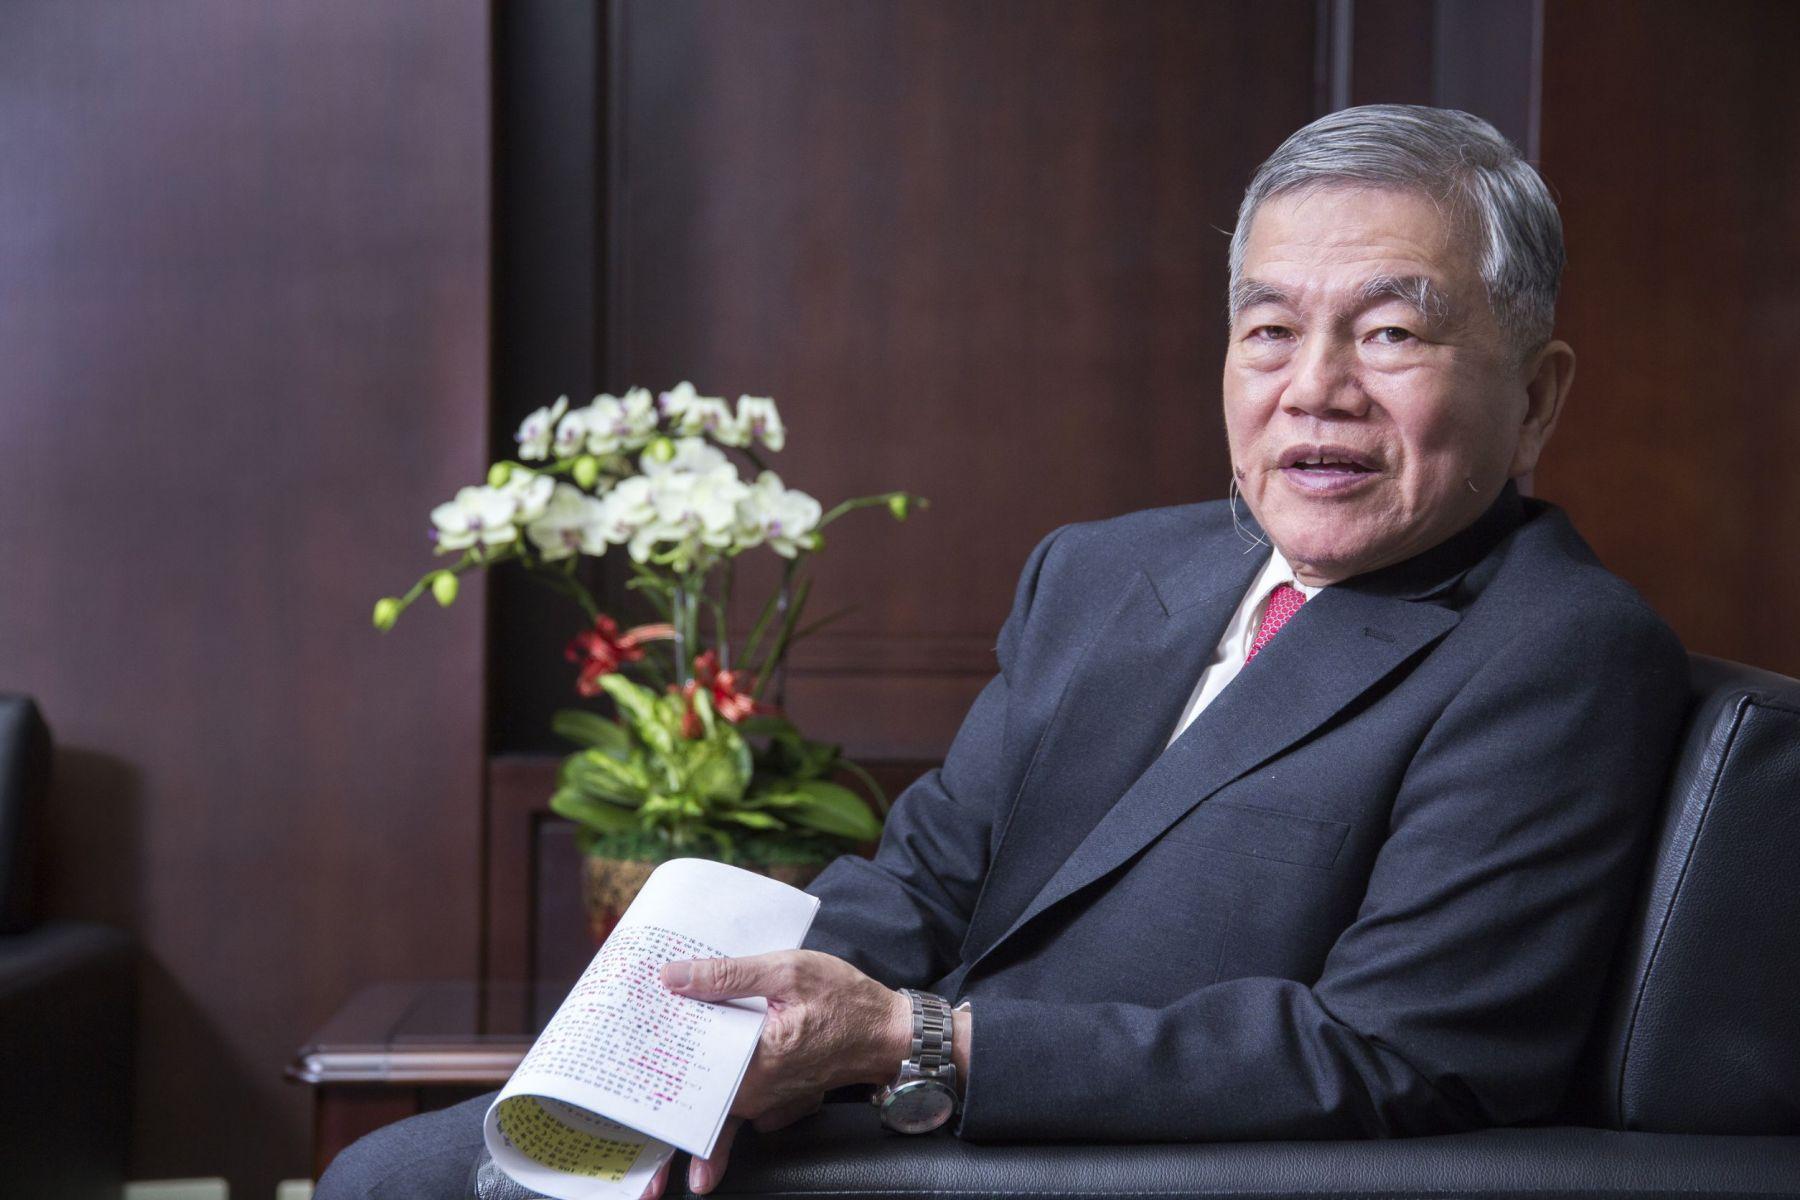 1通電話叩回48億投資!「歐吉桑部長」助攻 讓台灣在貿易戰中撿到槍